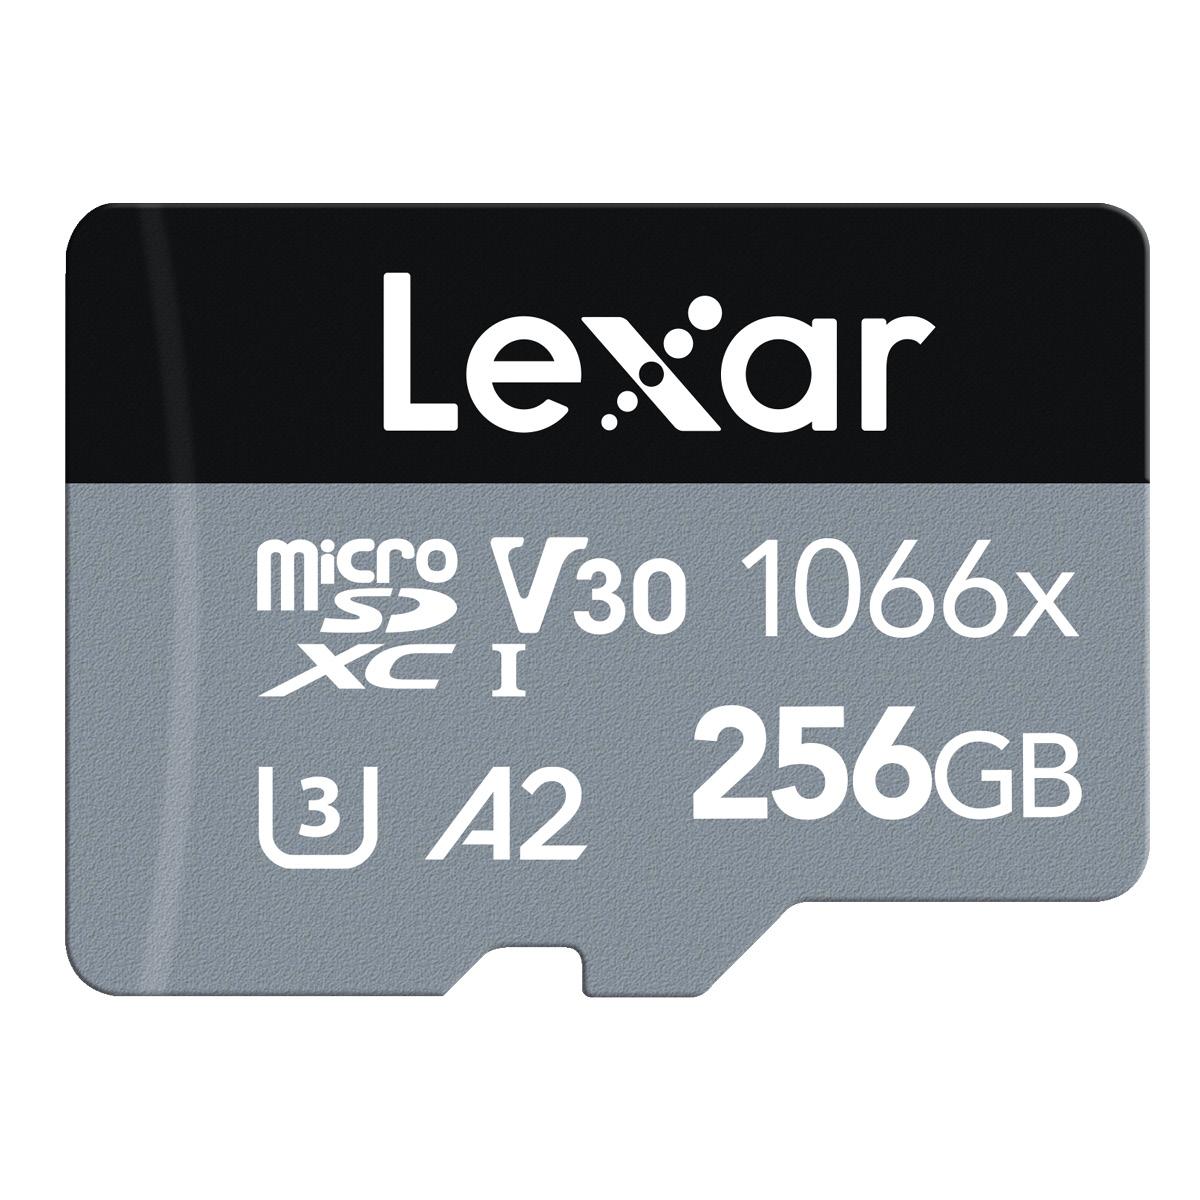 Lexar 256 GB Micro-SD 1066x